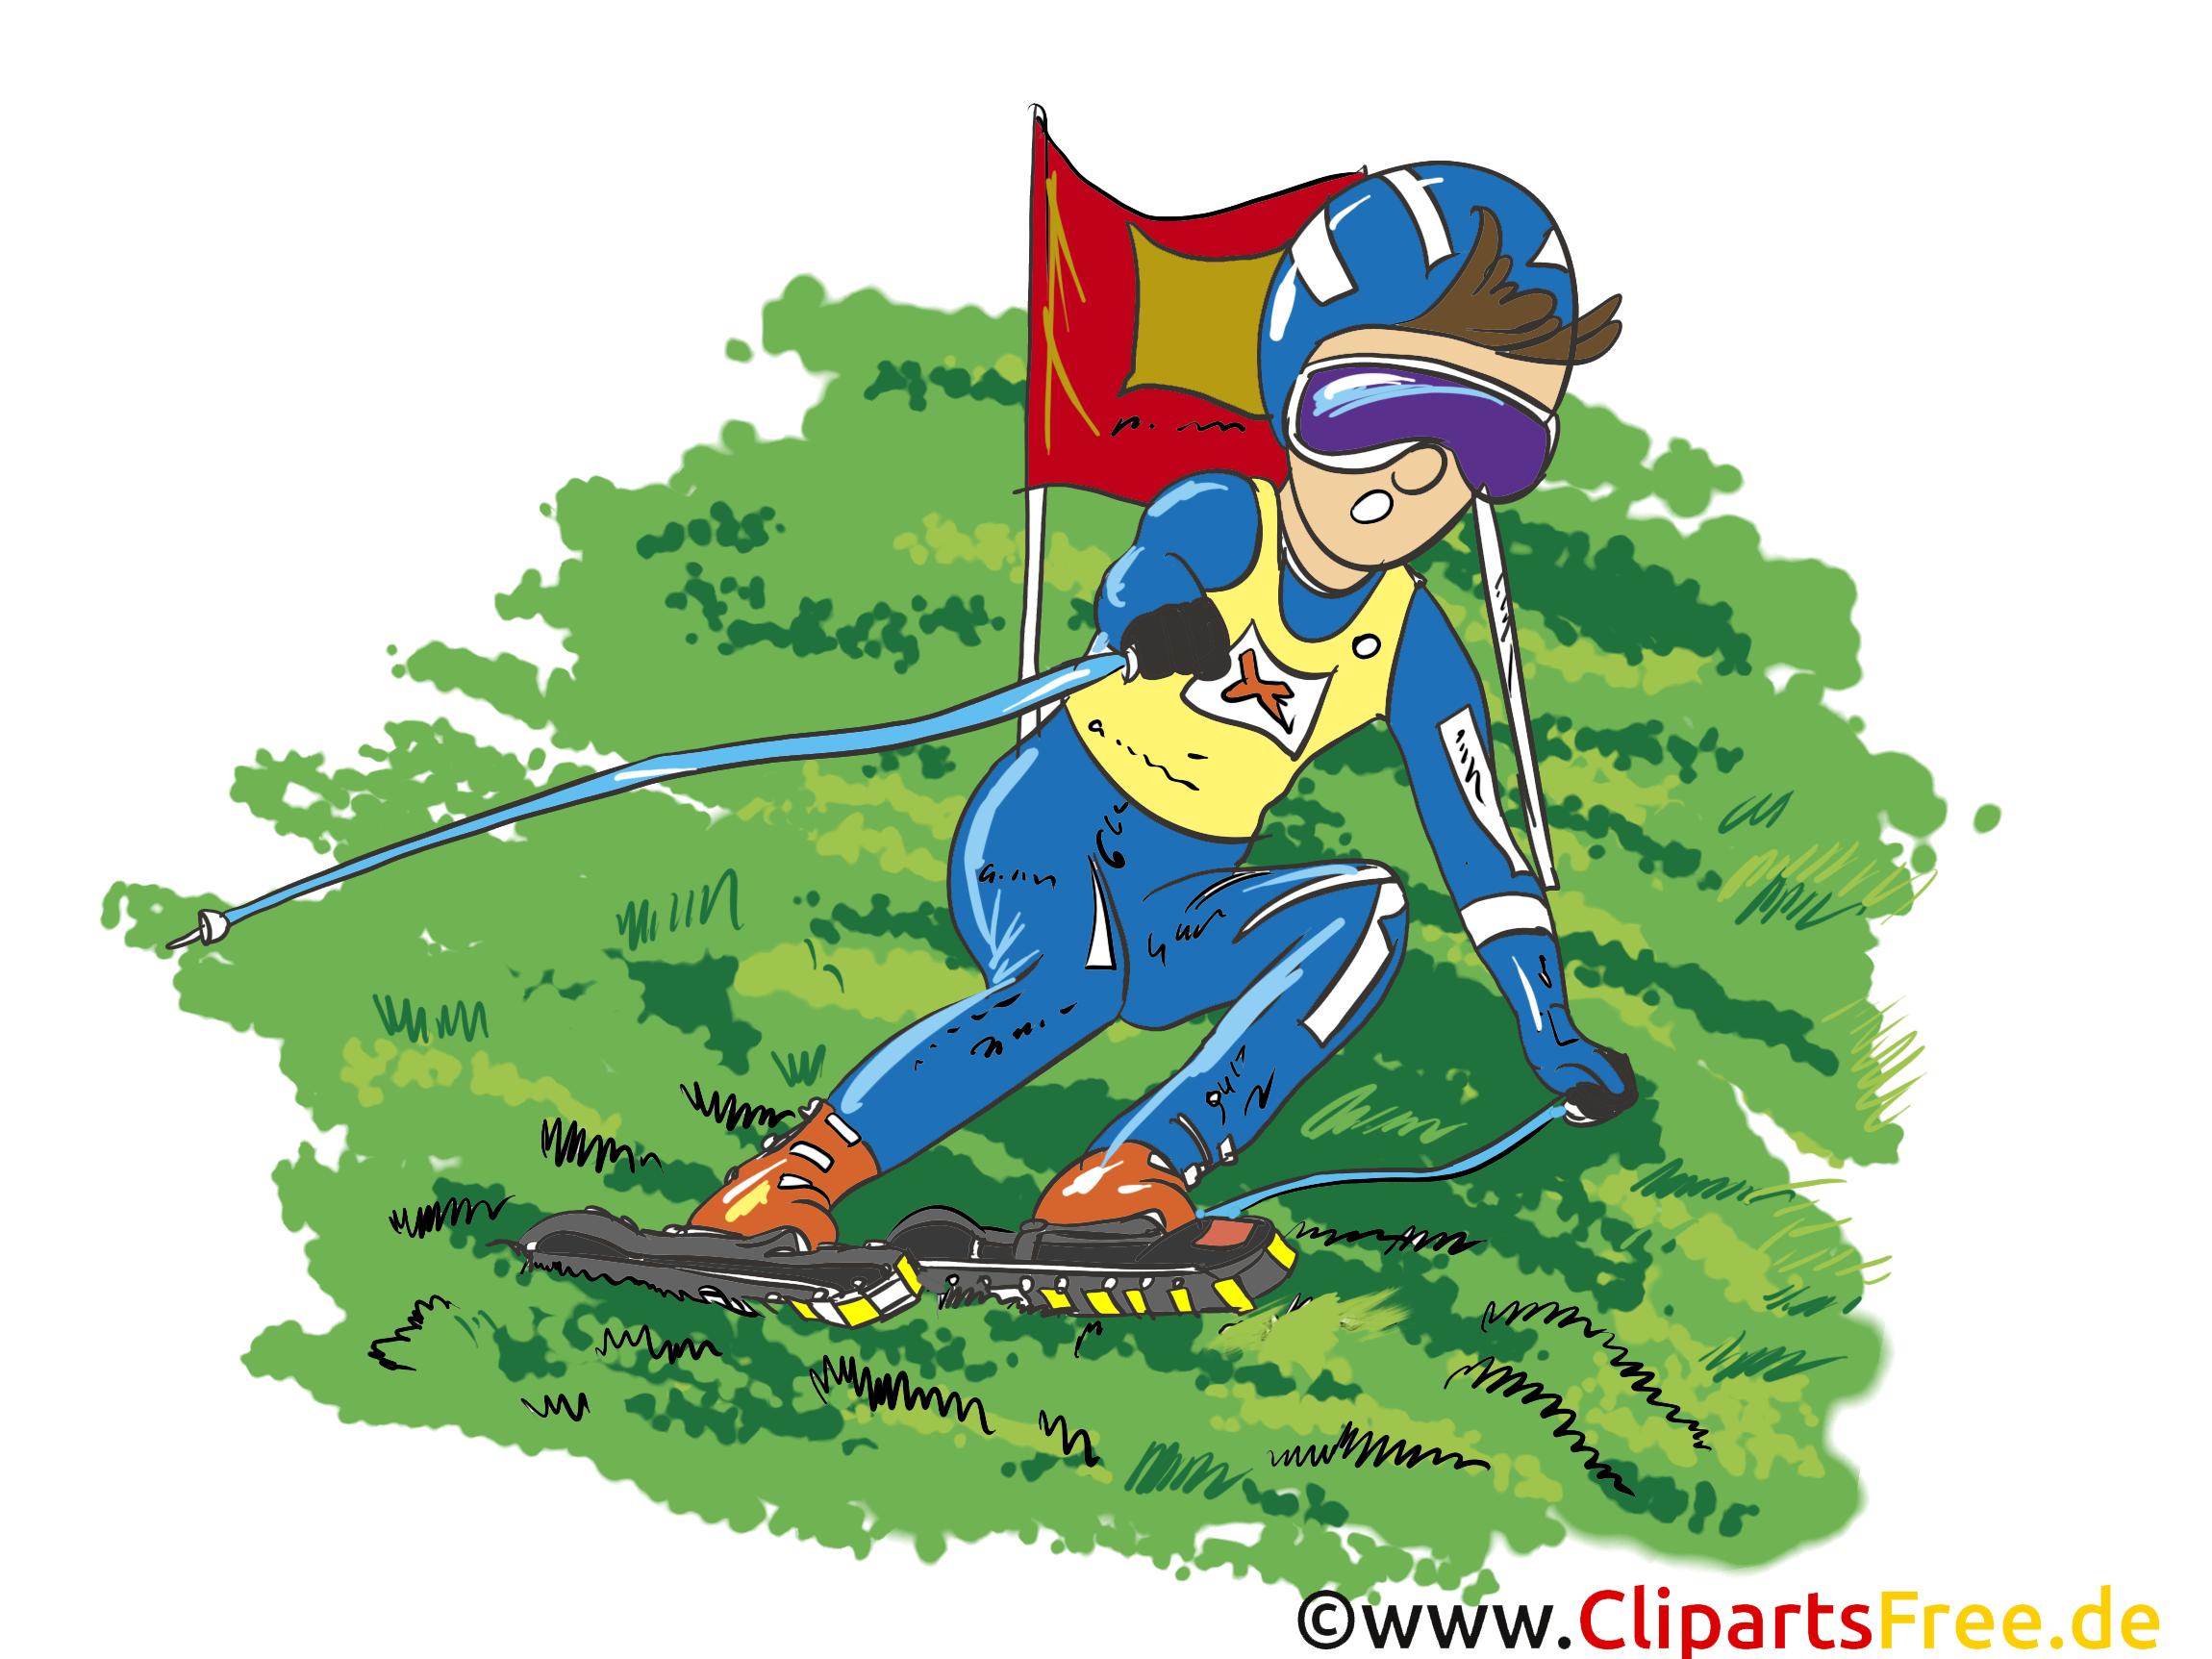 Ski sur herbe illustration à télécharger gratuite